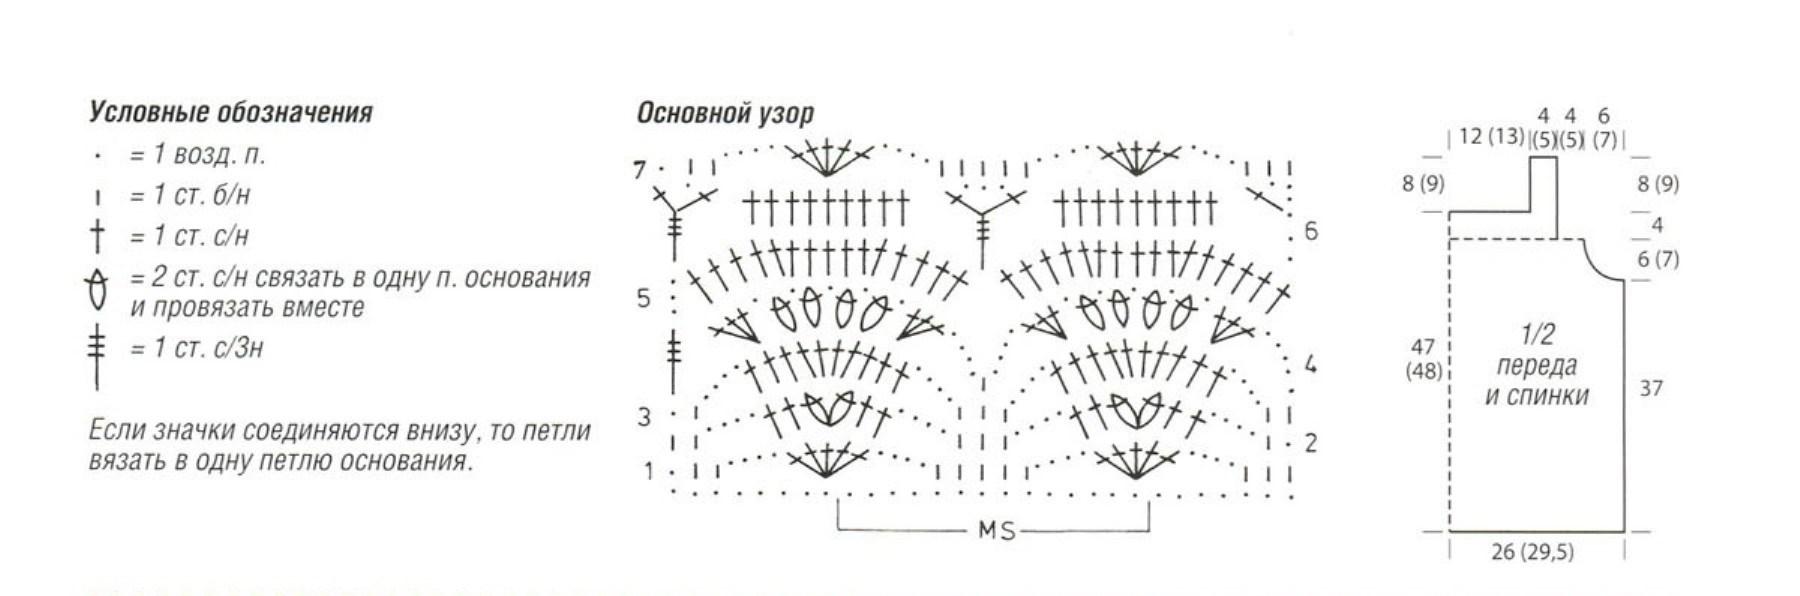 0591_МДсп.8.13 (6)b